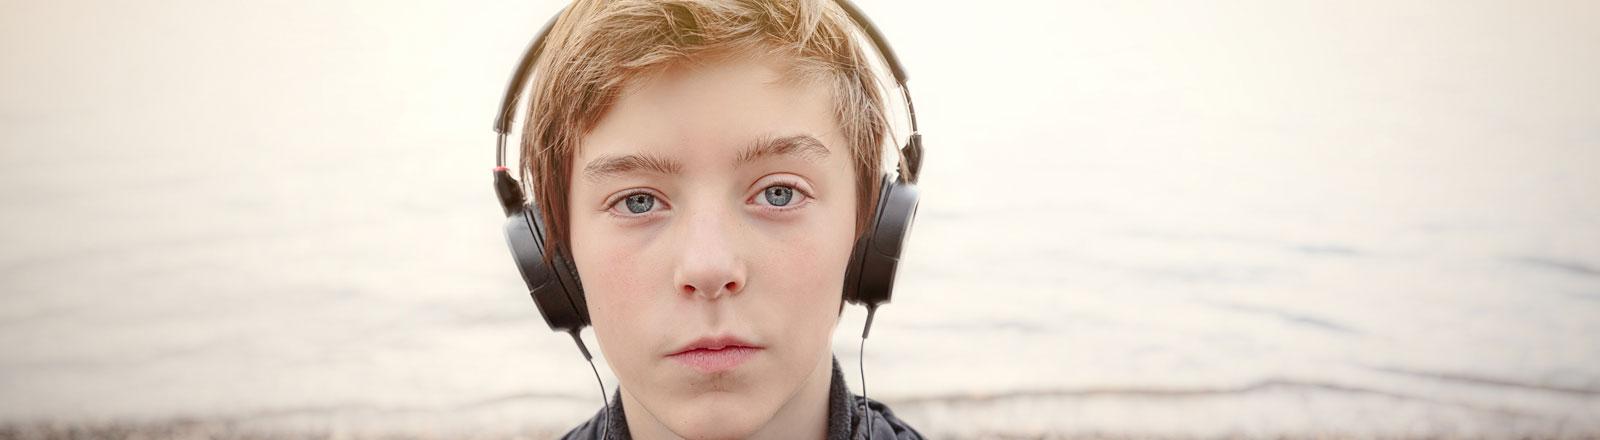 Ein Junge steht mit Kopfhörern am Rhein.